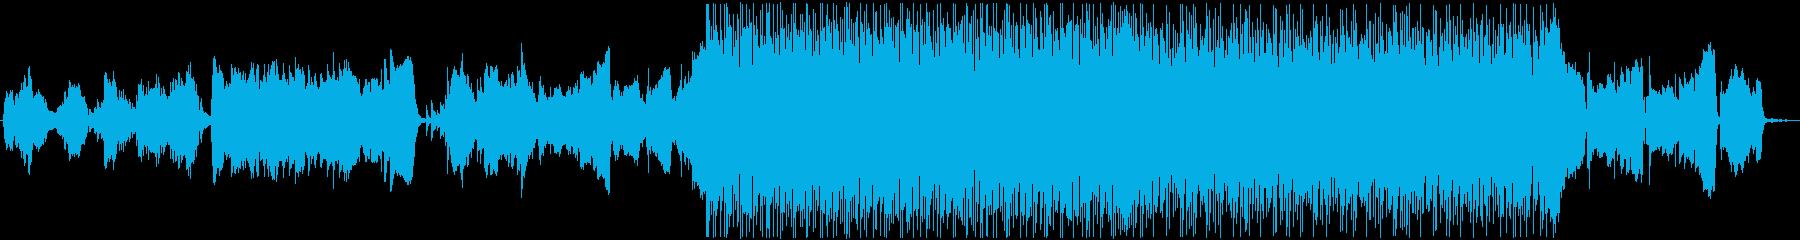 神秘的な雰囲気の和風BGMの再生済みの波形